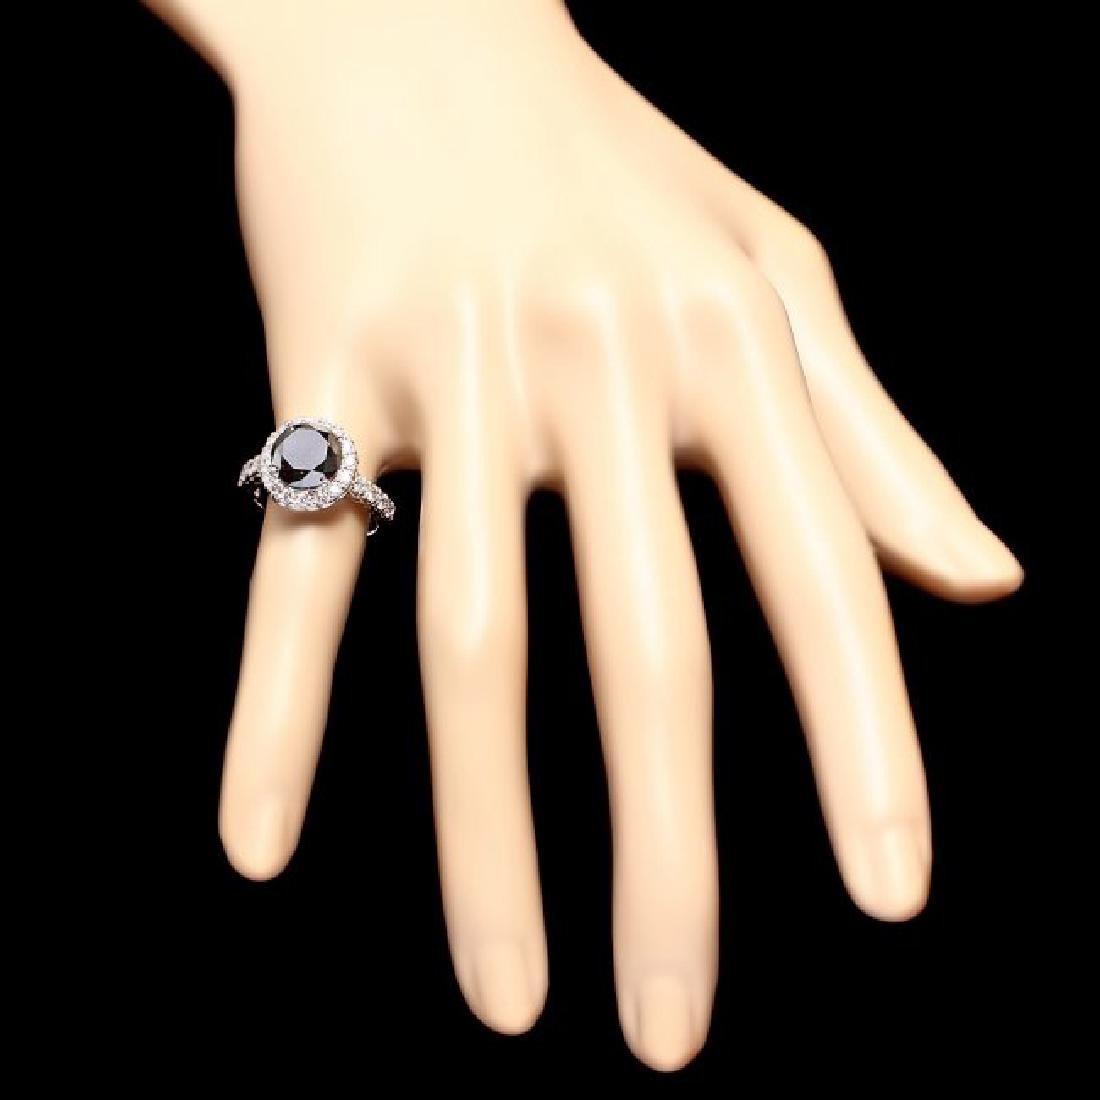 14k White Gold 4.35ct Diamond Ring - 4